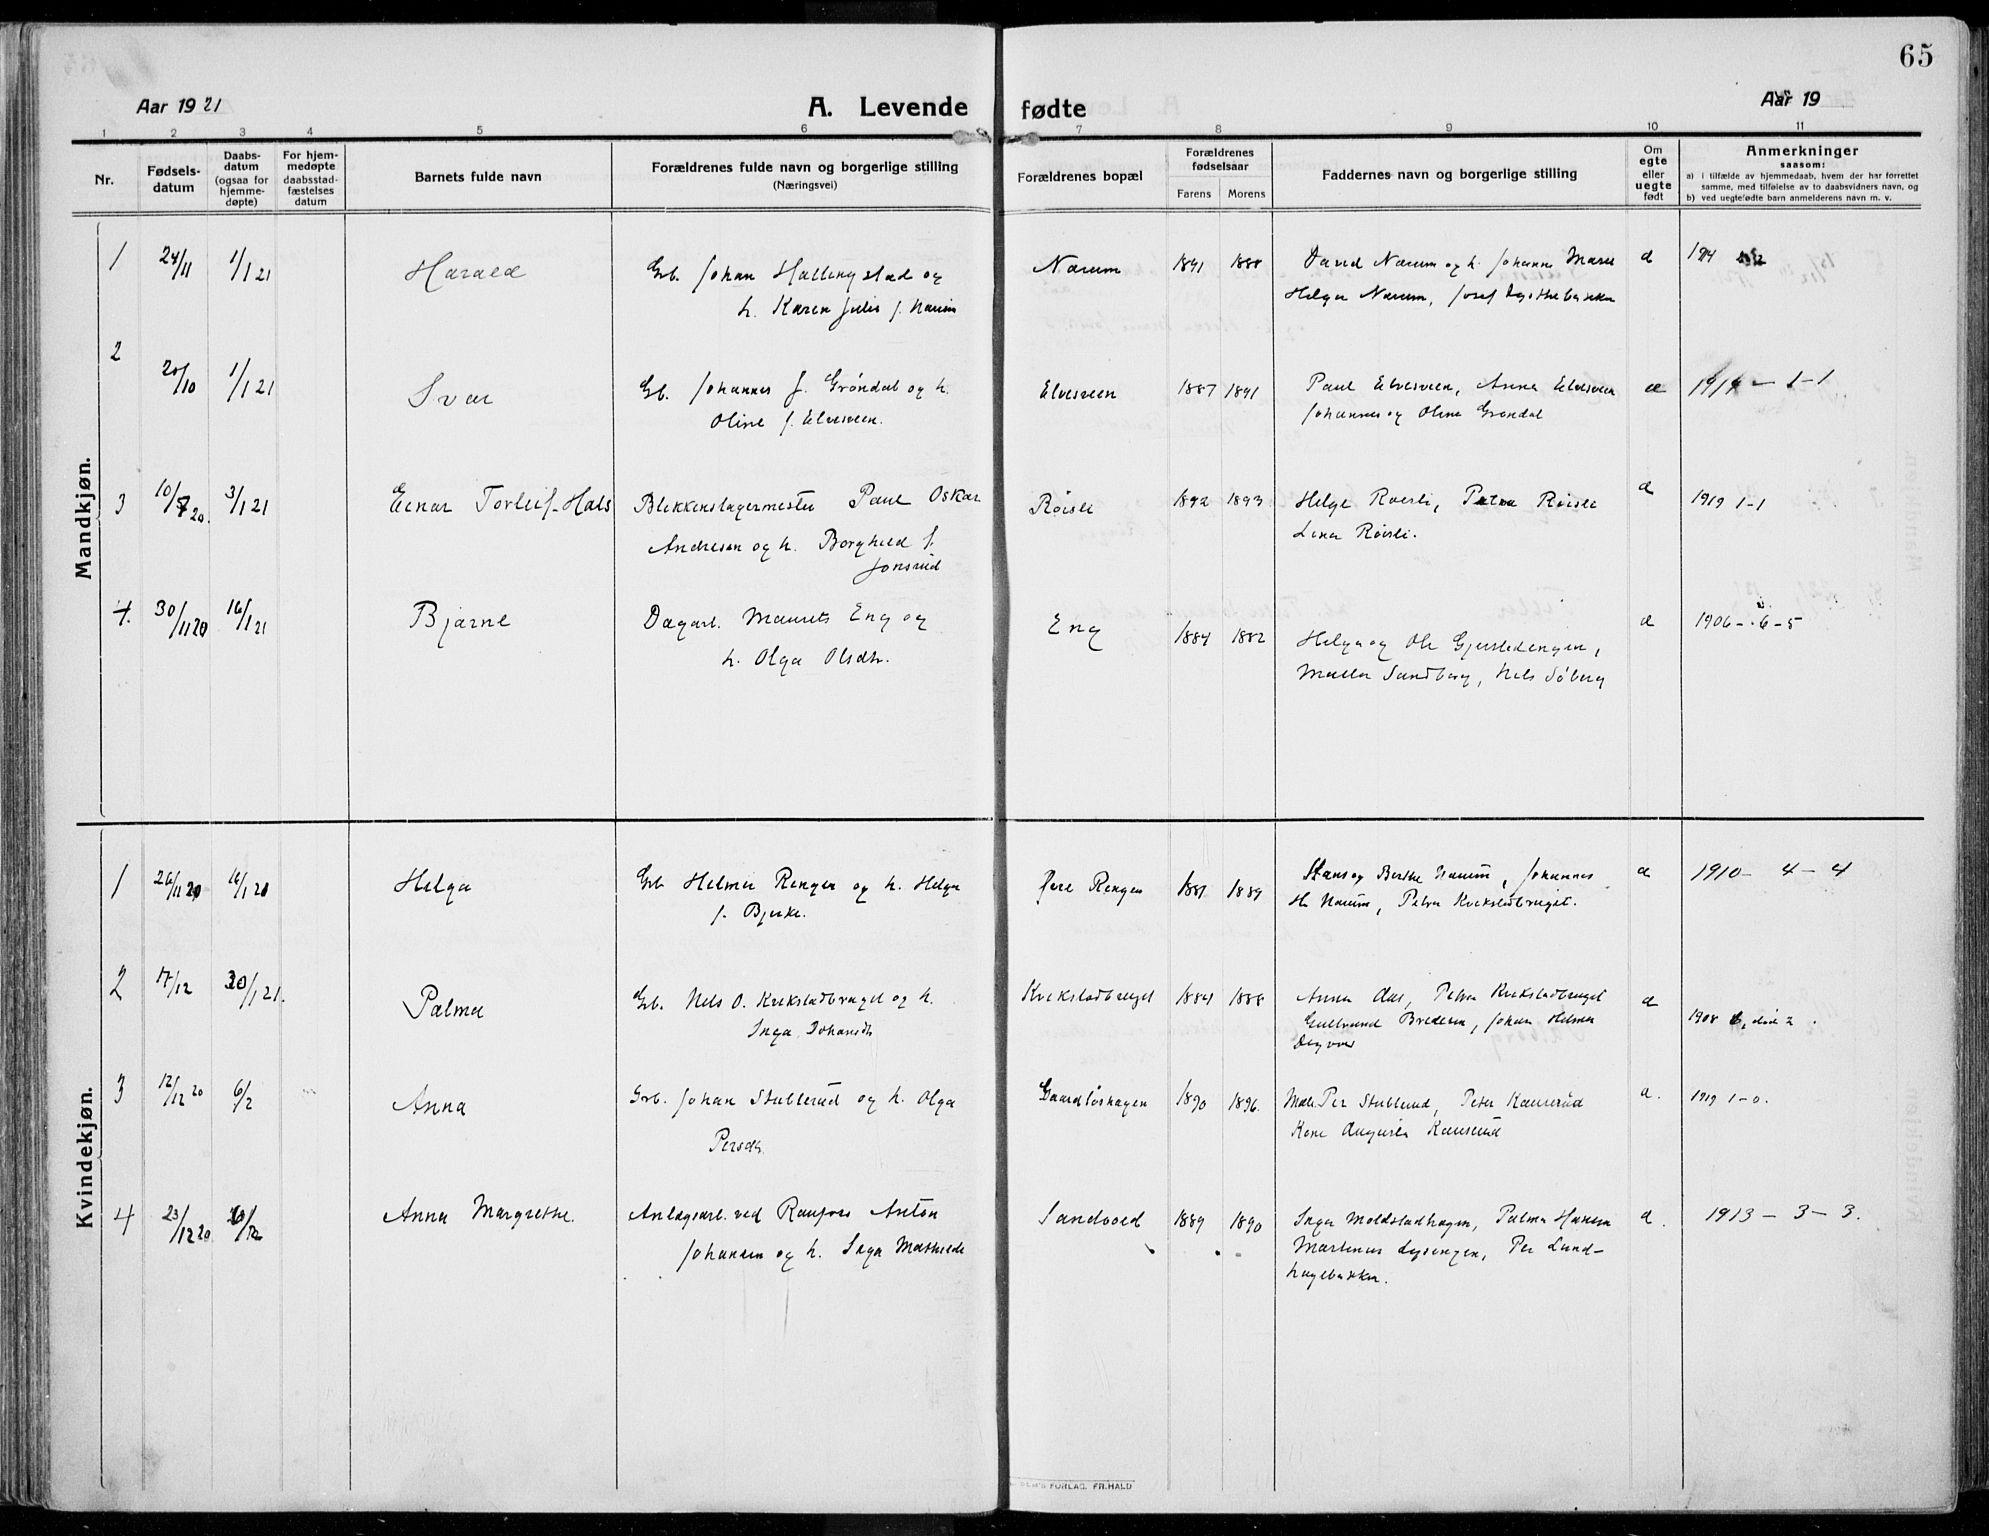 SAH, Kolbu prestekontor, Ministerialbok nr. 2, 1912-1926, s. 65